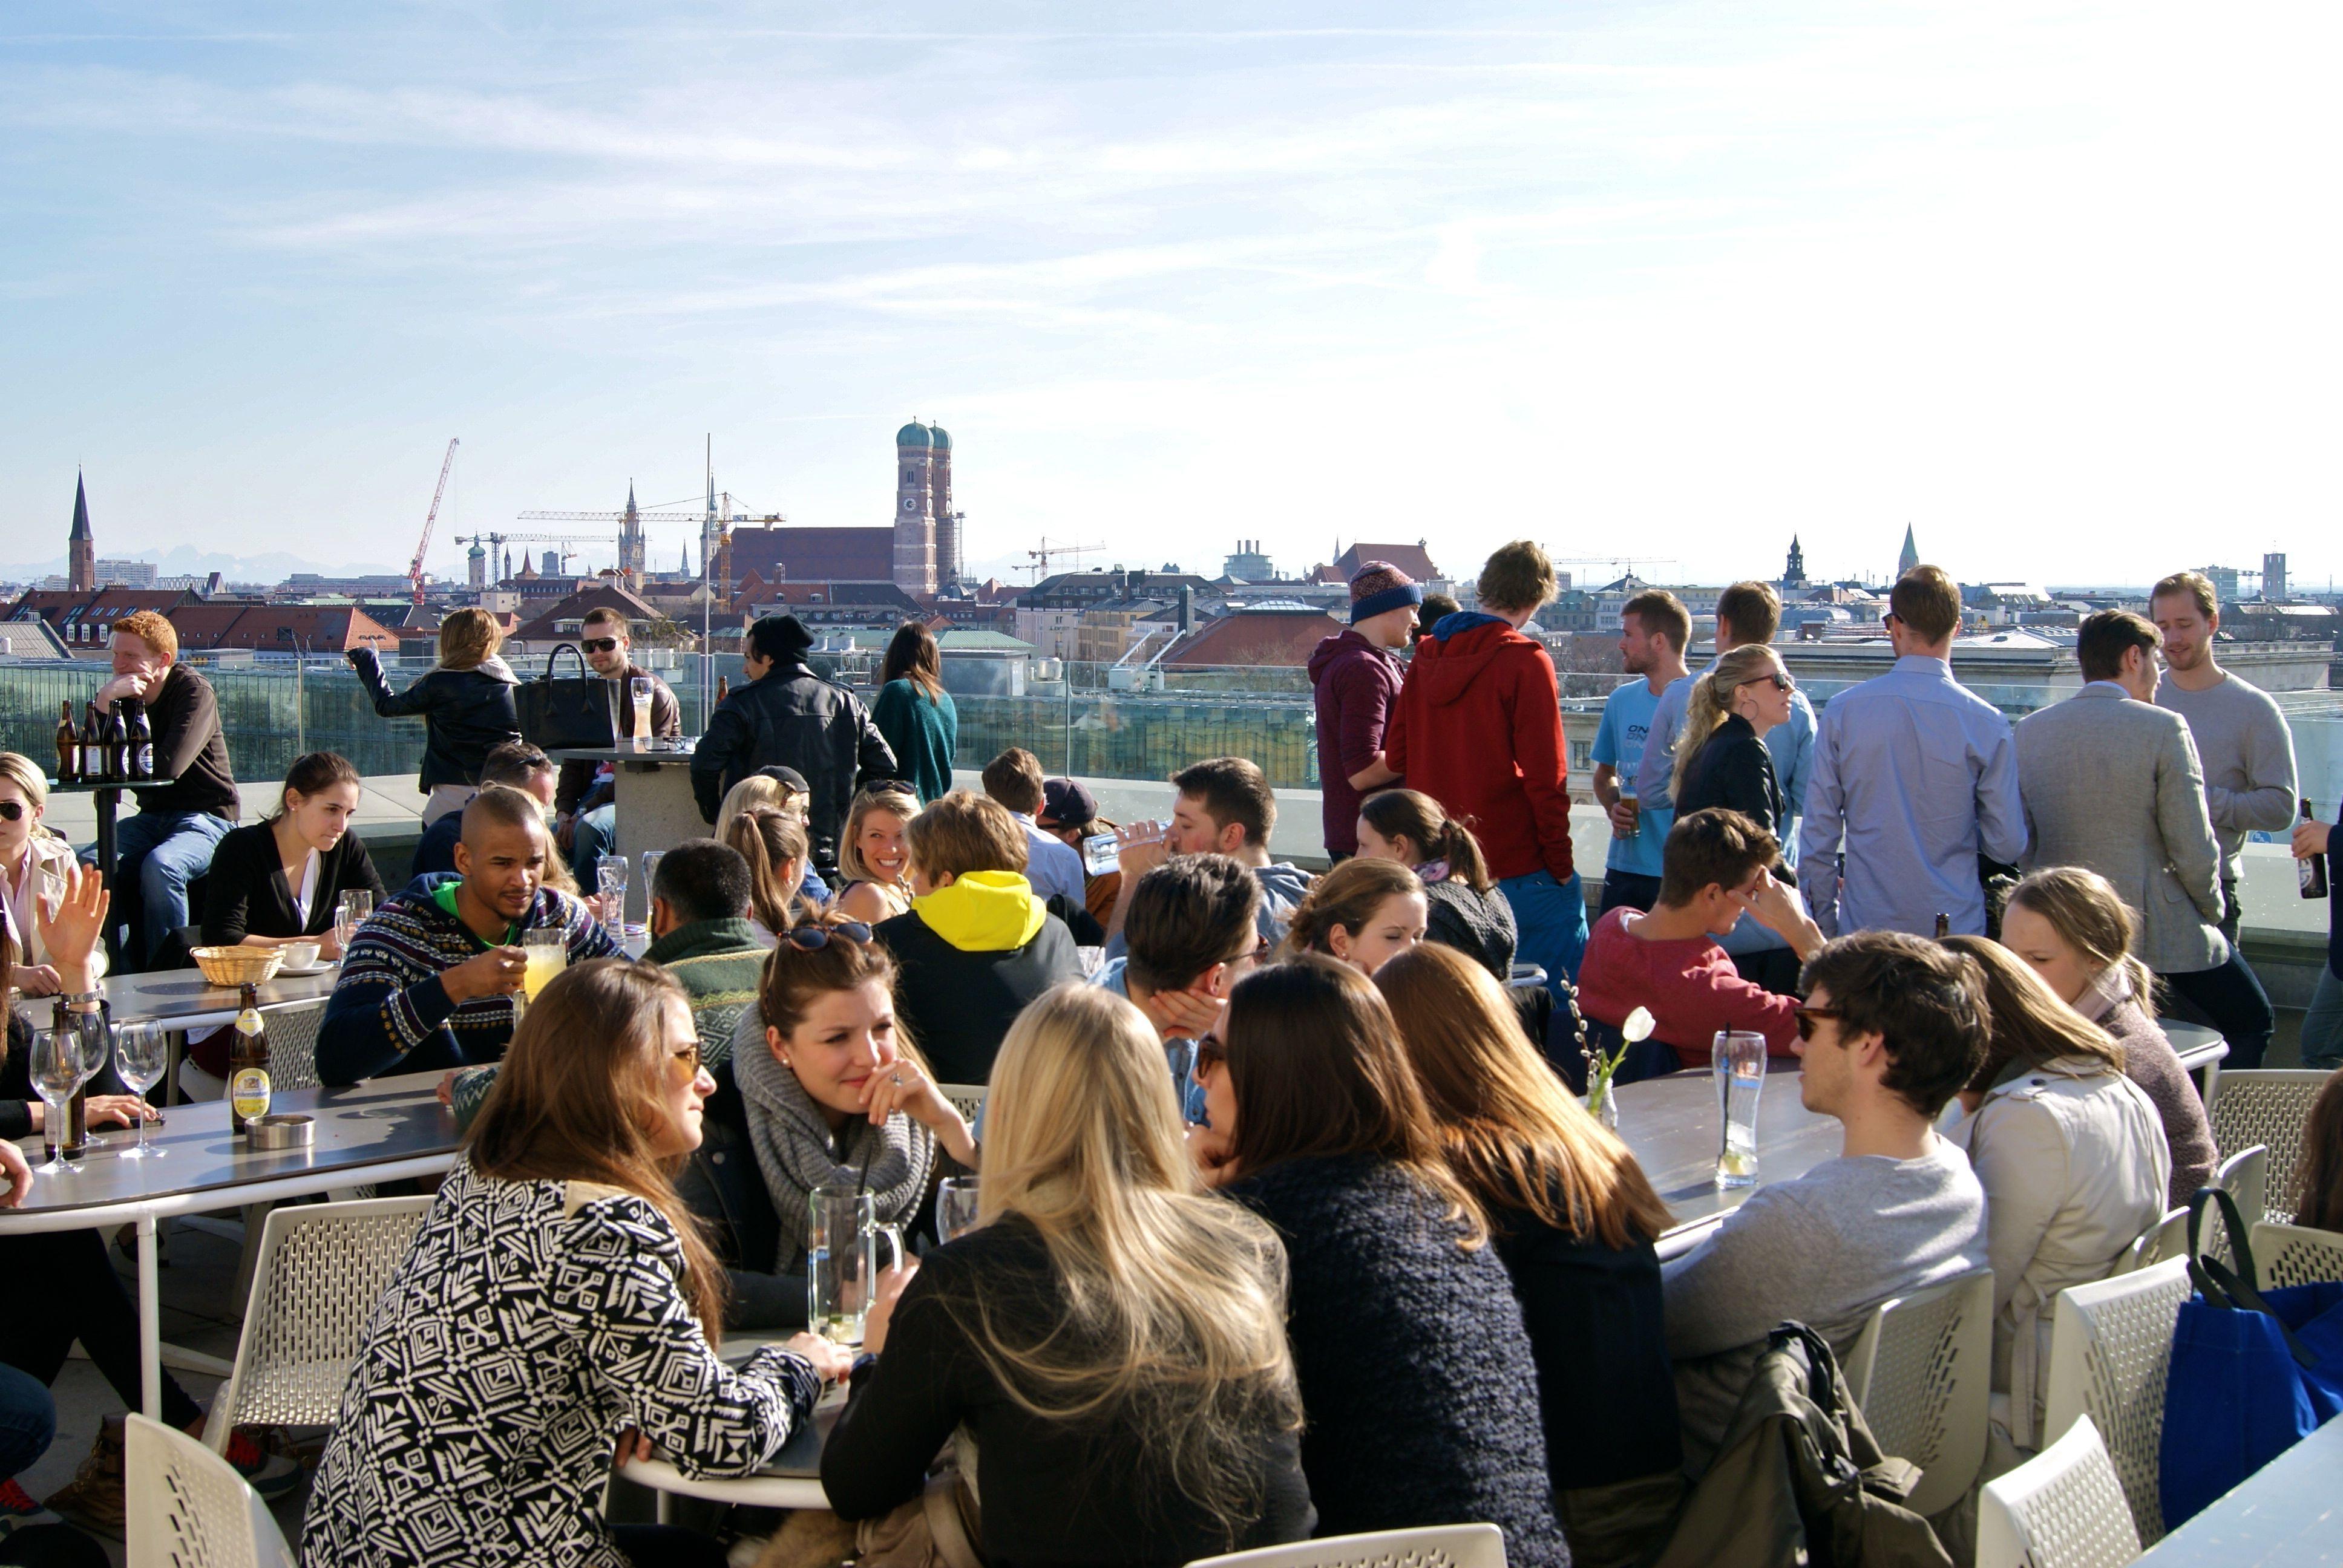 Vorhoelzer Forum Munich Tum Rooftop Bar Time 45 Minutes